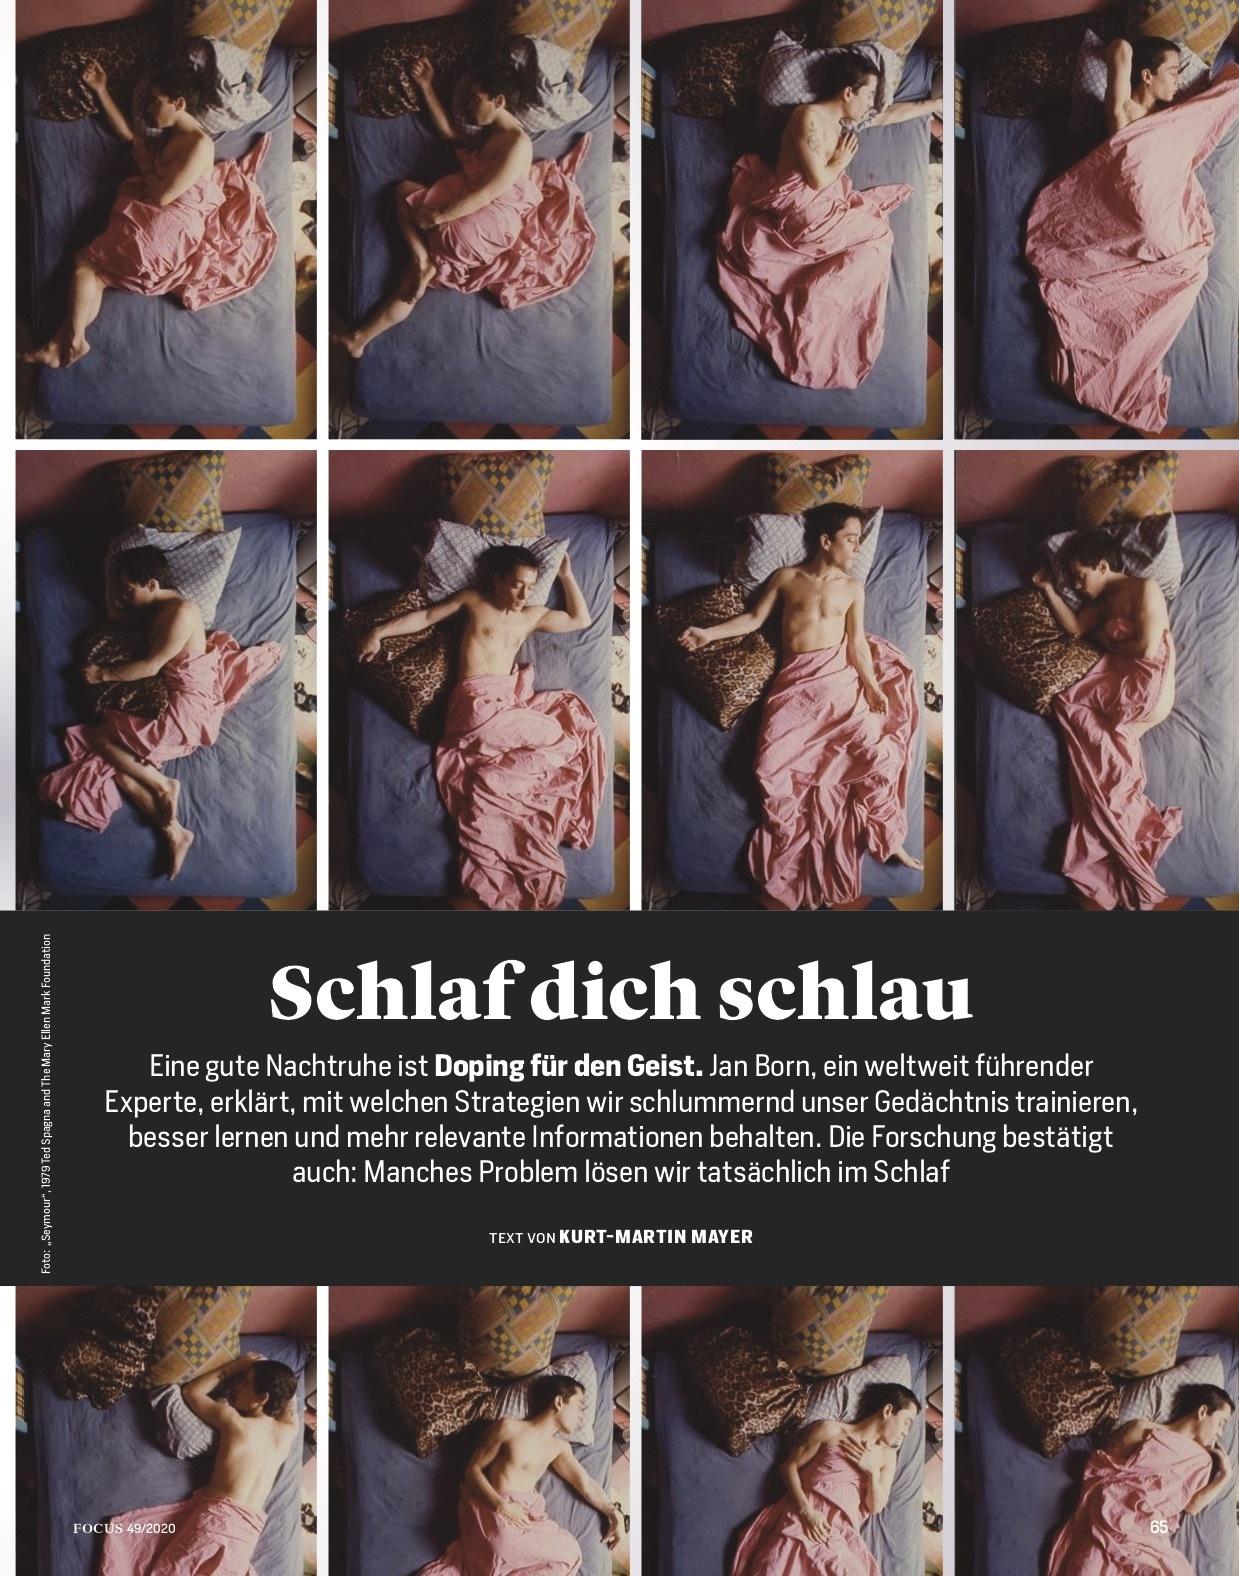 FOCUS Magazin FOCUS Magazin - Schlaf dich schlau